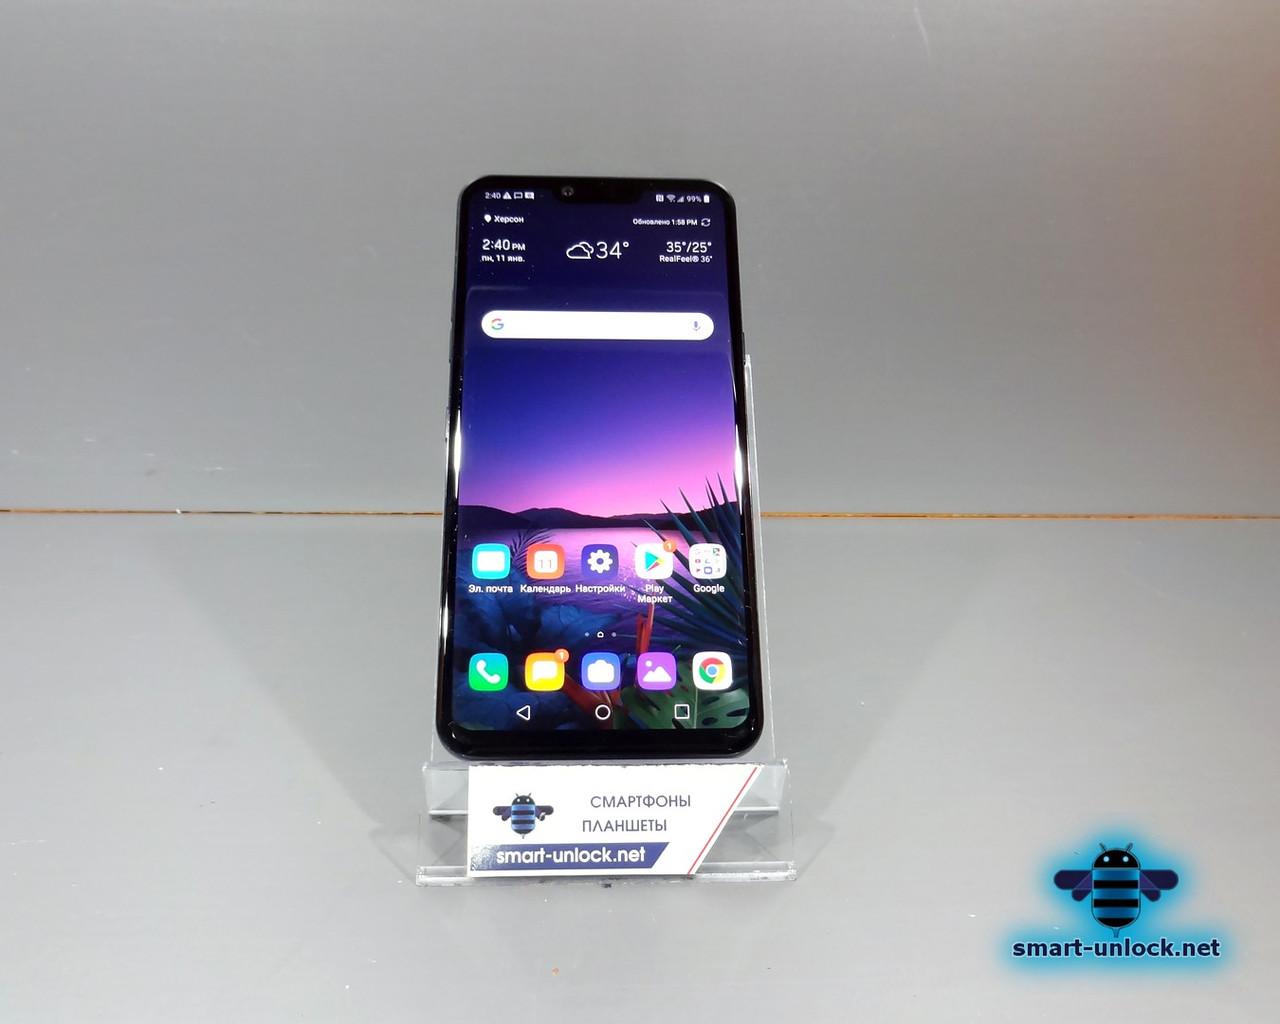 Телефон, смартфон LG G8 Покупка без риска, гарантия!